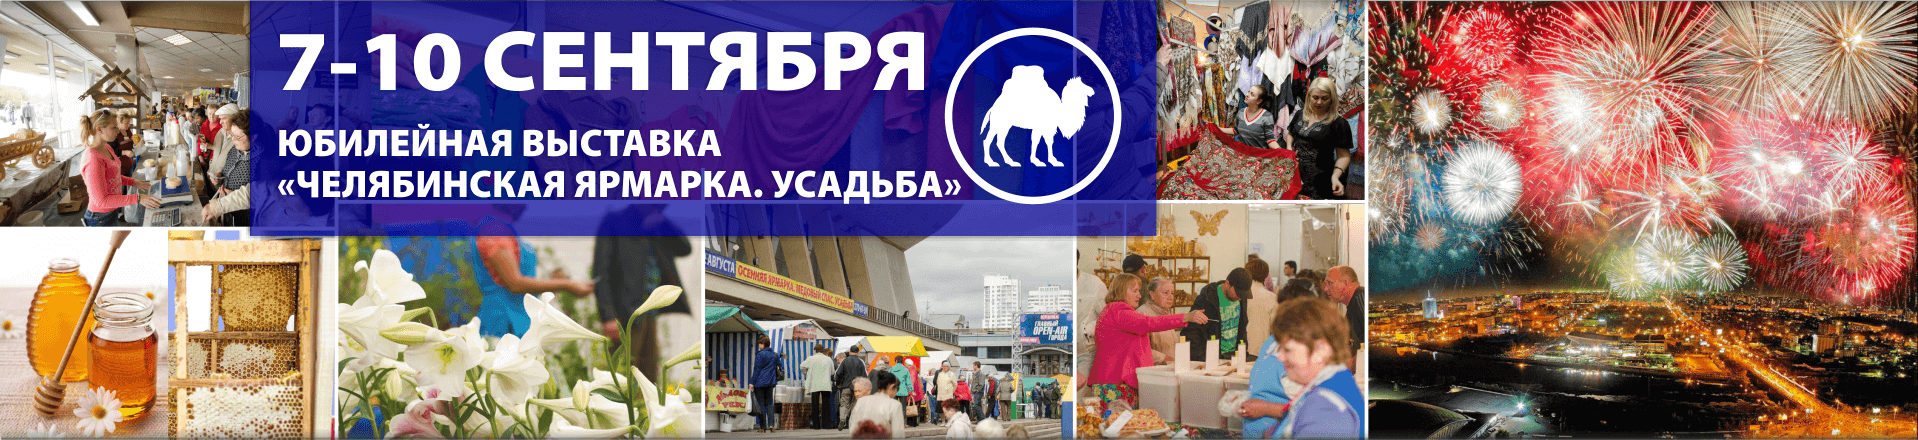 Челябинская